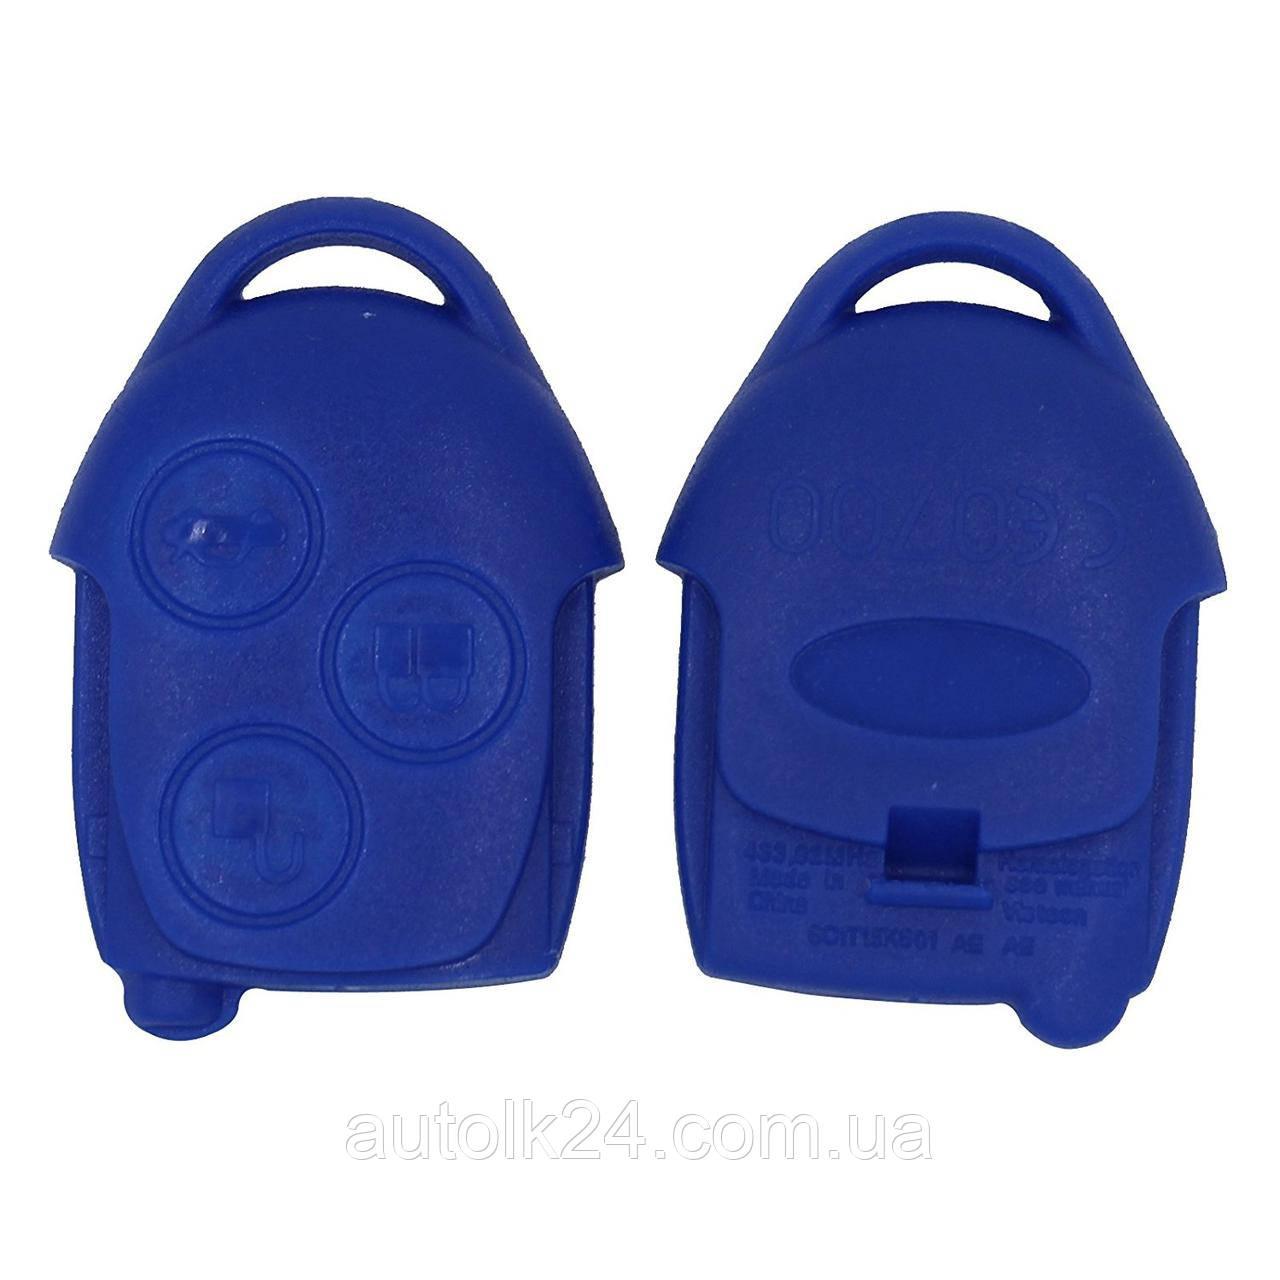 Корпус пульта Ford  3 кнопки (синий)